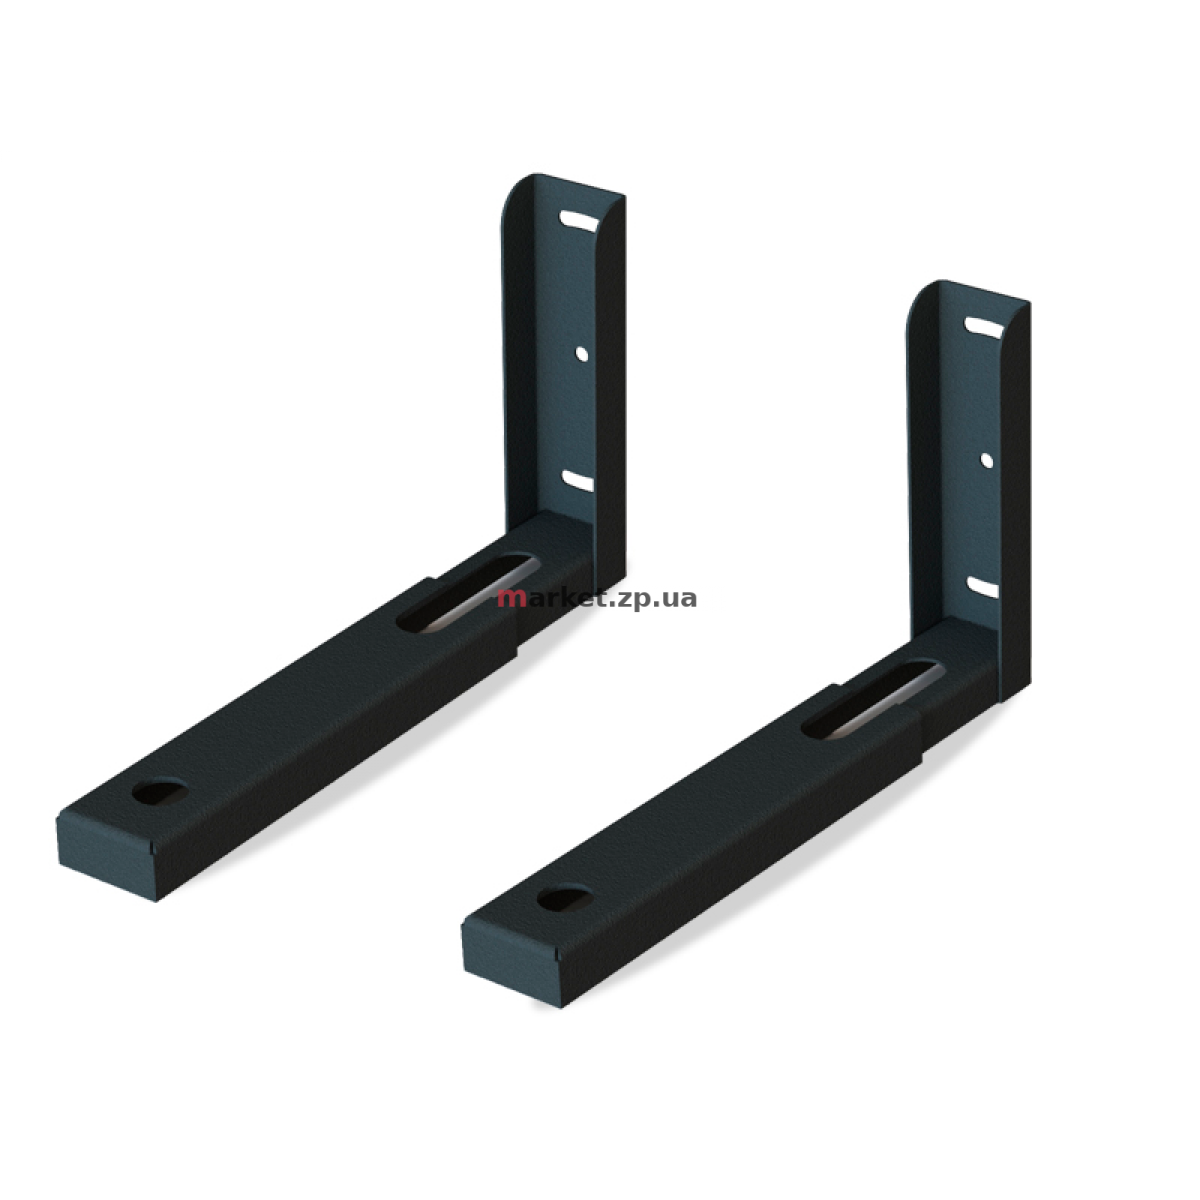 Настенный кронштейн  KSL MW-02-B Black для СВЧ